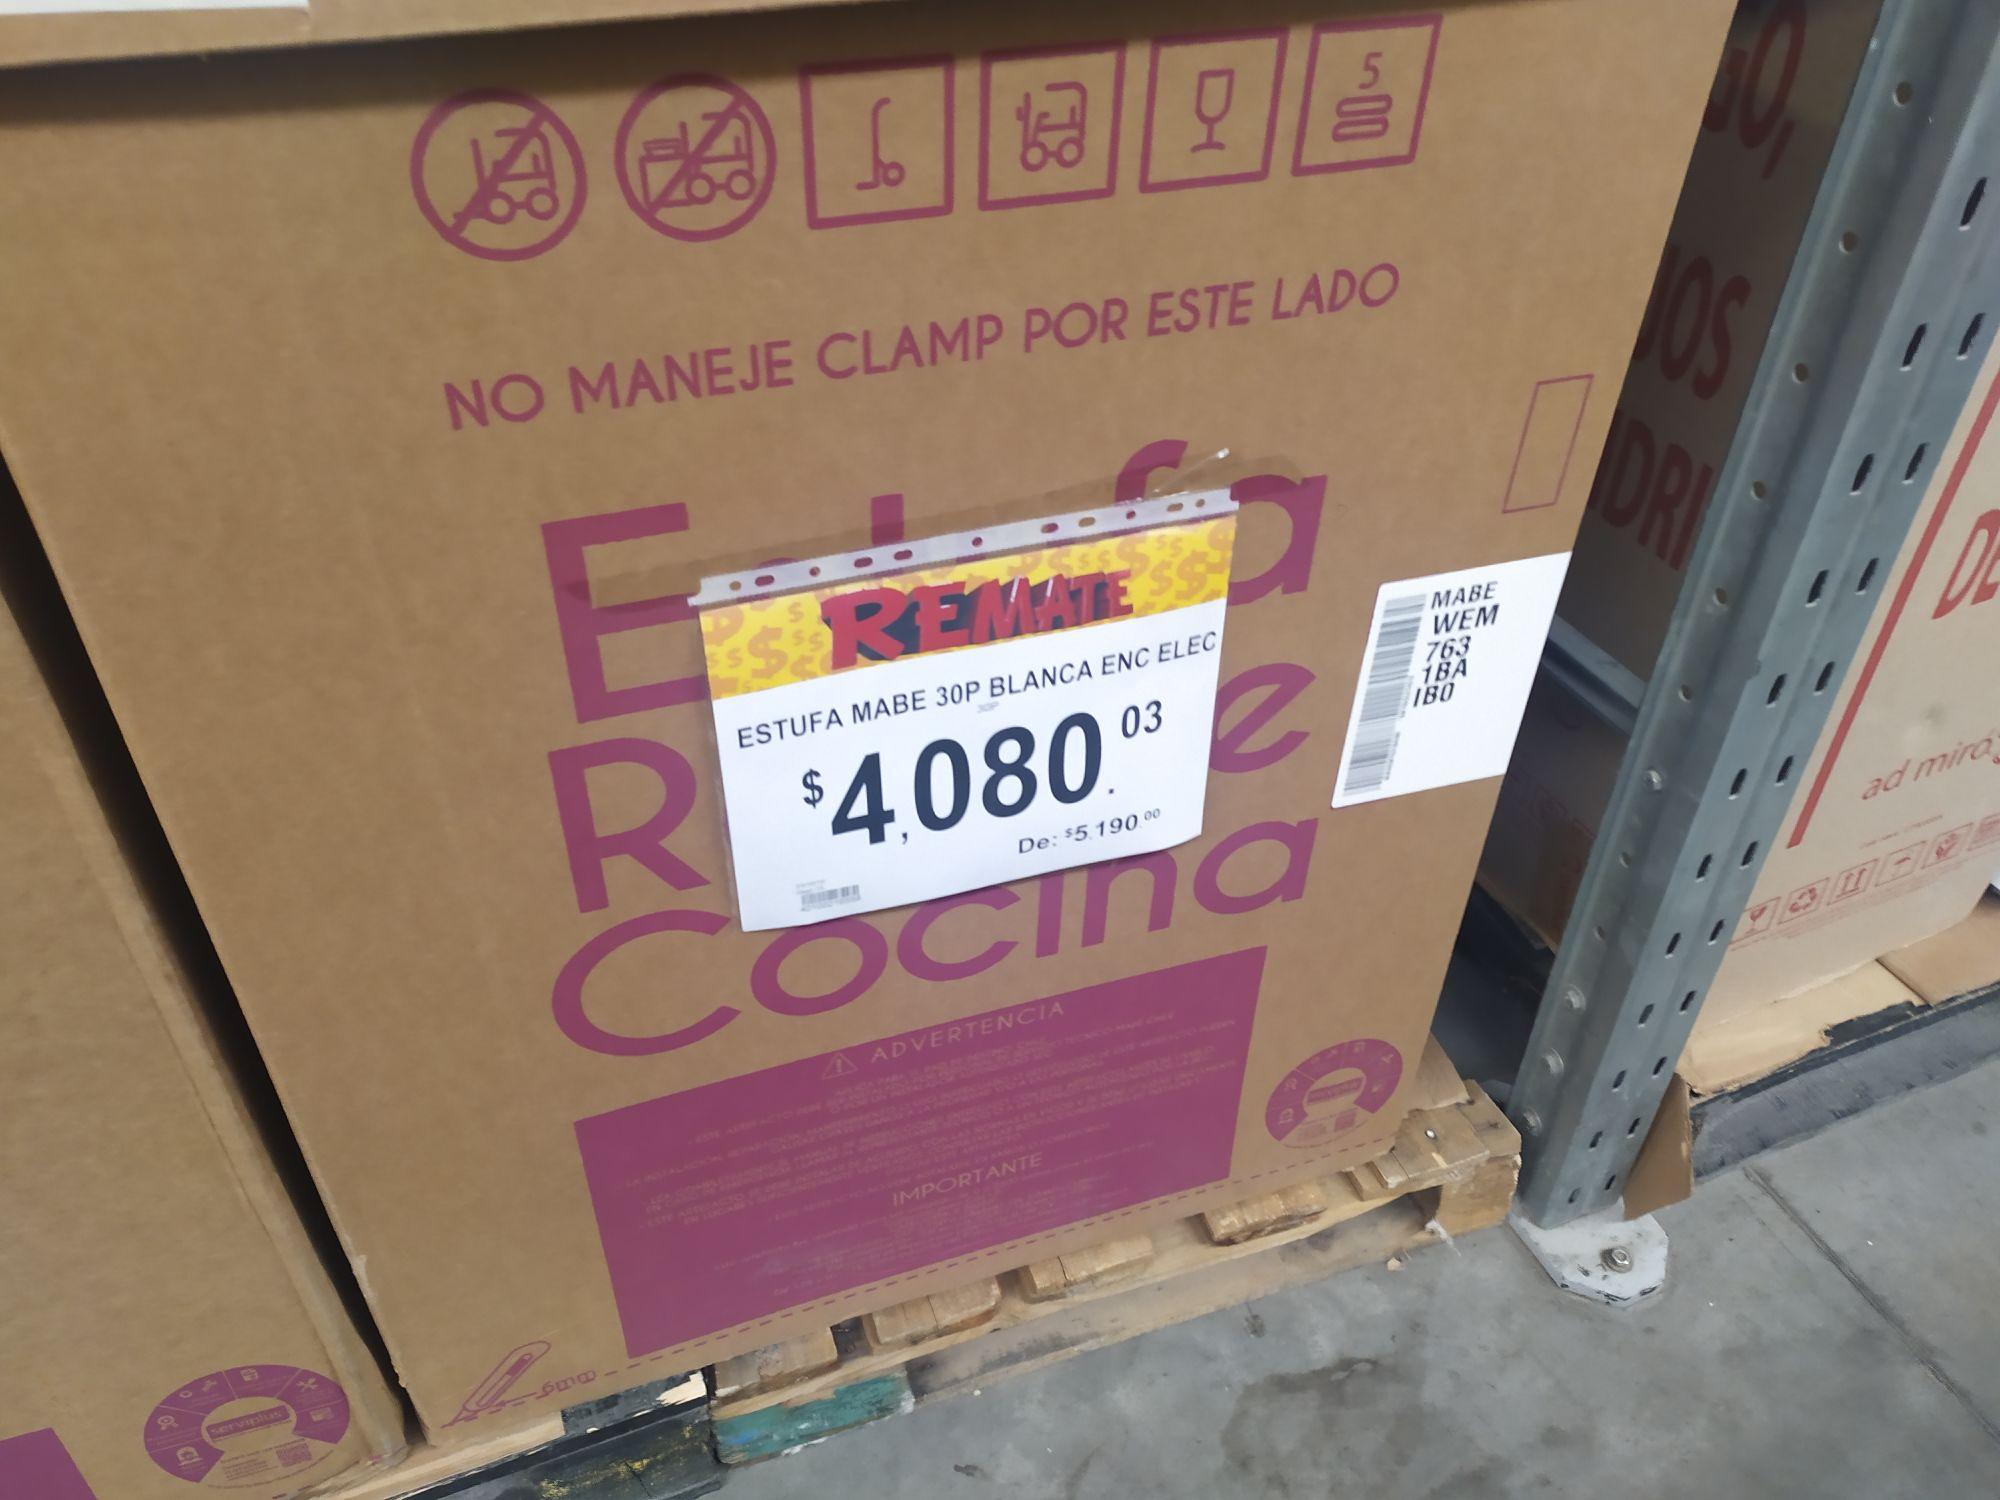 Bodega Aurrerá: Estufa Mabe 30P Blanca ENC ELEC Primera liquidación